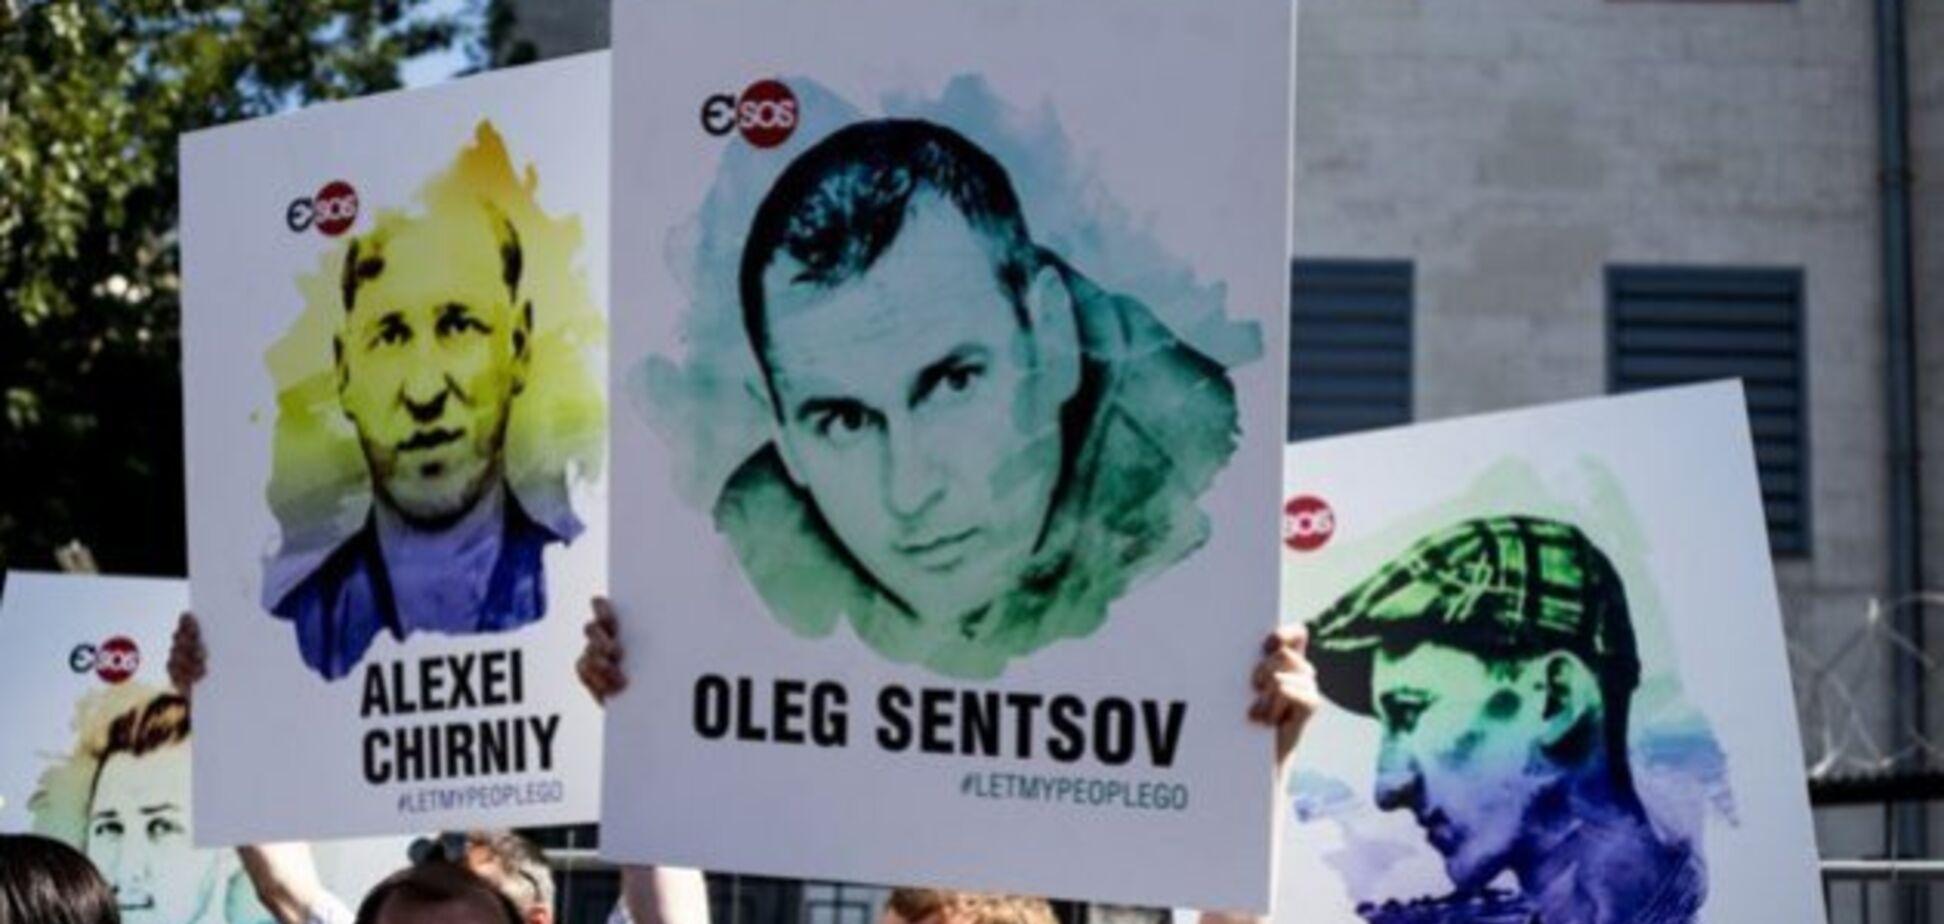 Цена обмена пленными очень высока для Украины